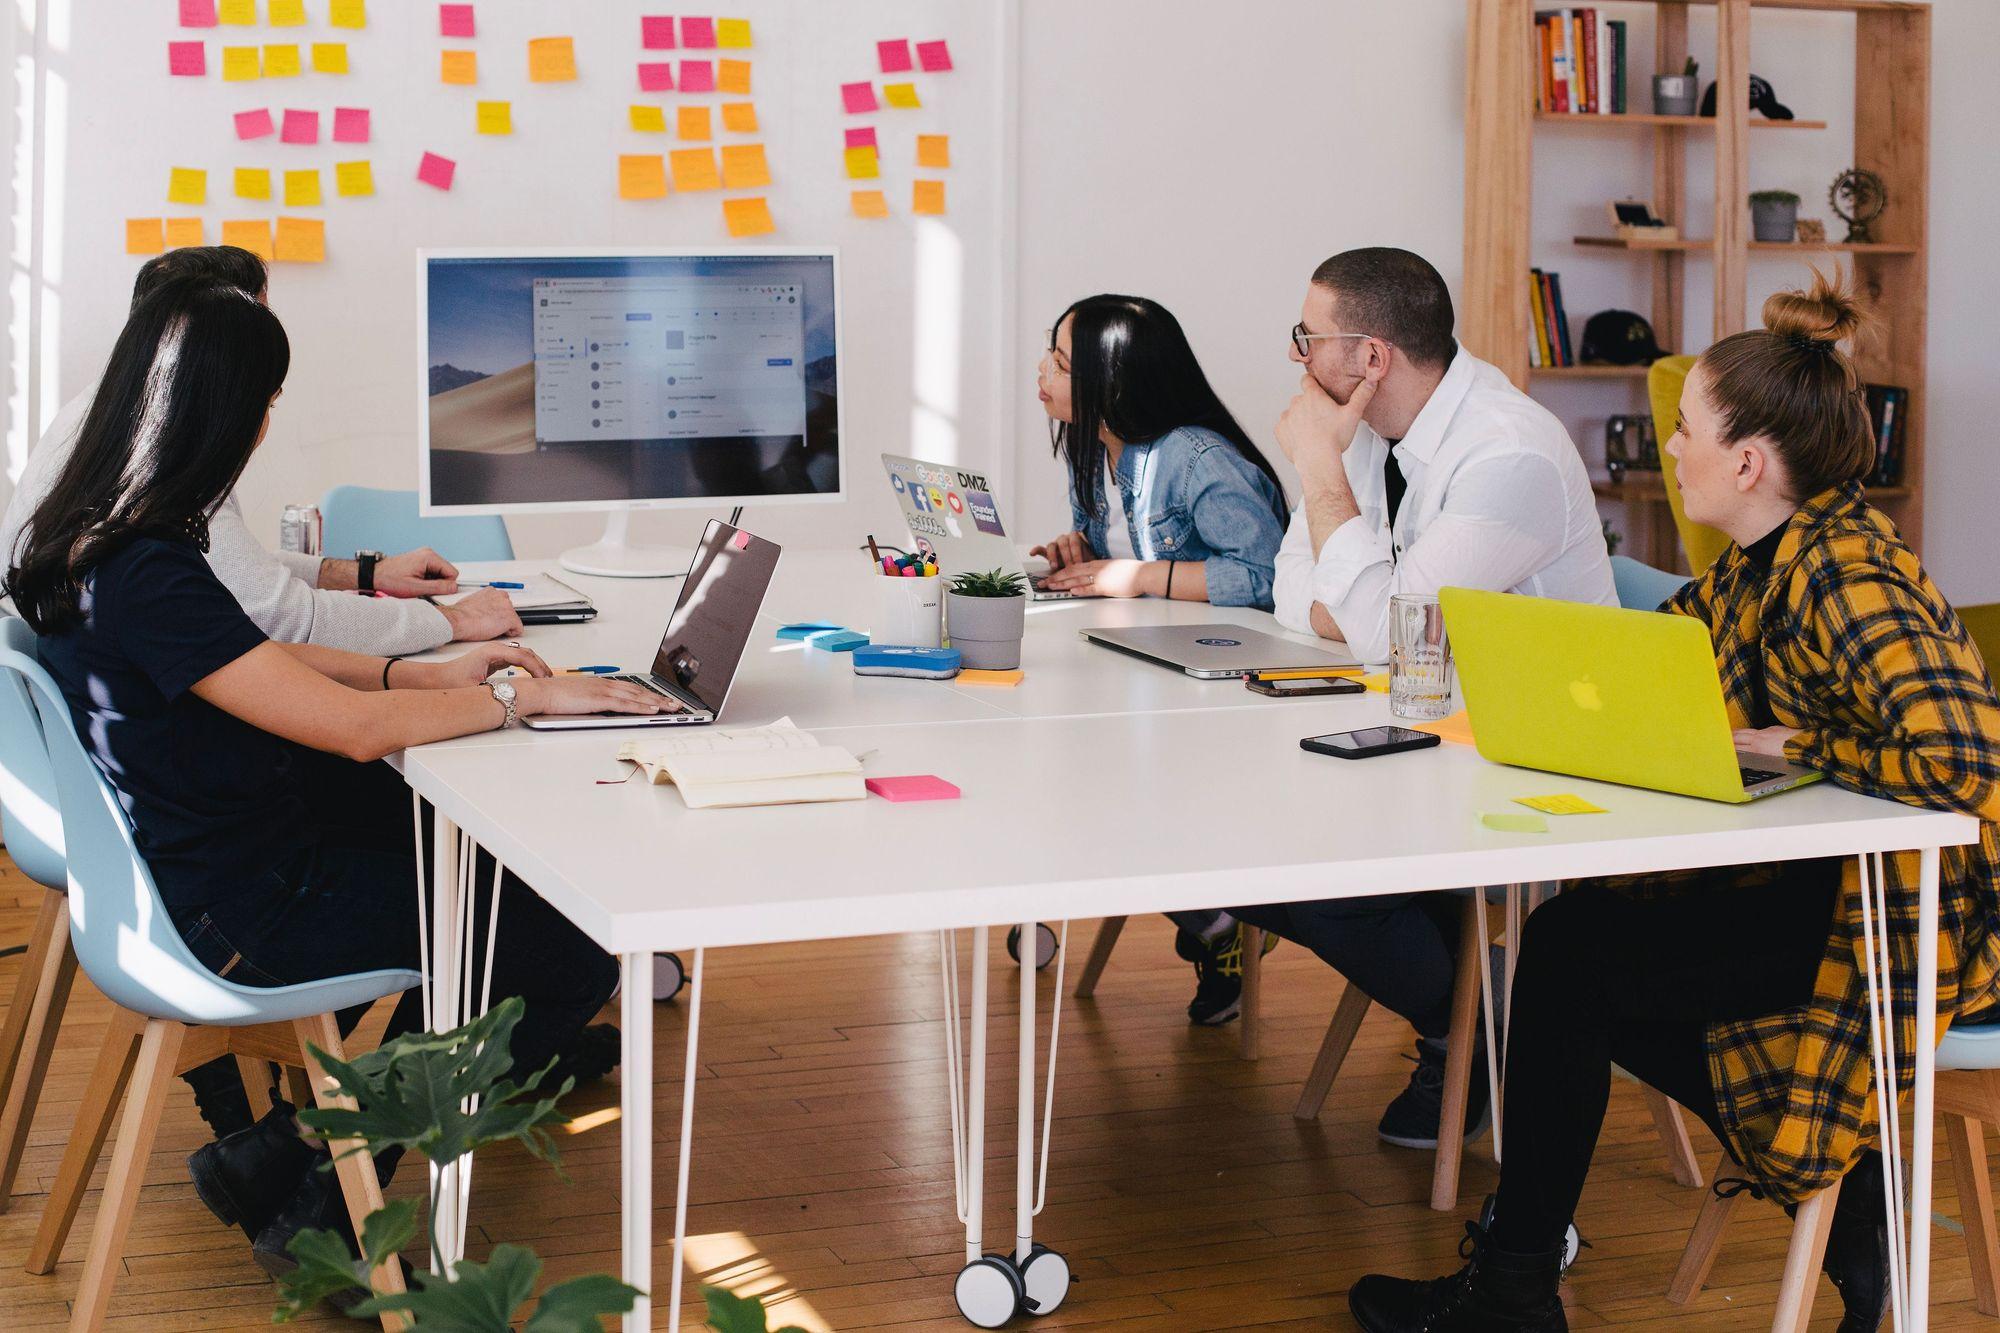 Pesquisa qualitativa e quantitativa: qual é a melhor opção?